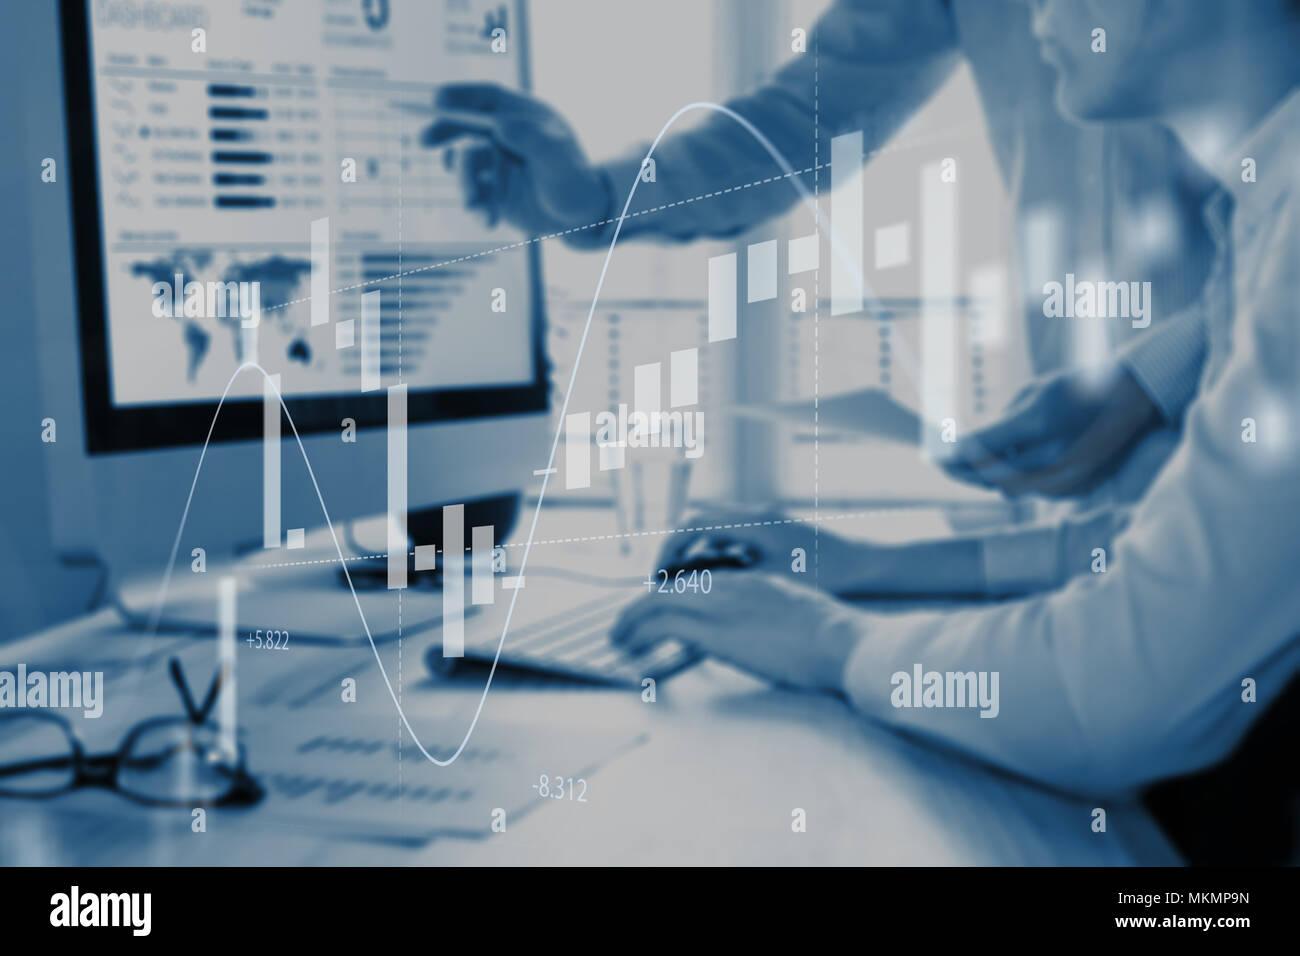 Finanza astratto concetto con persone per discutere i dati finanziari in un business analytics dashboard sullo schermo del computer in background e il mercato azionario inv Immagini Stock